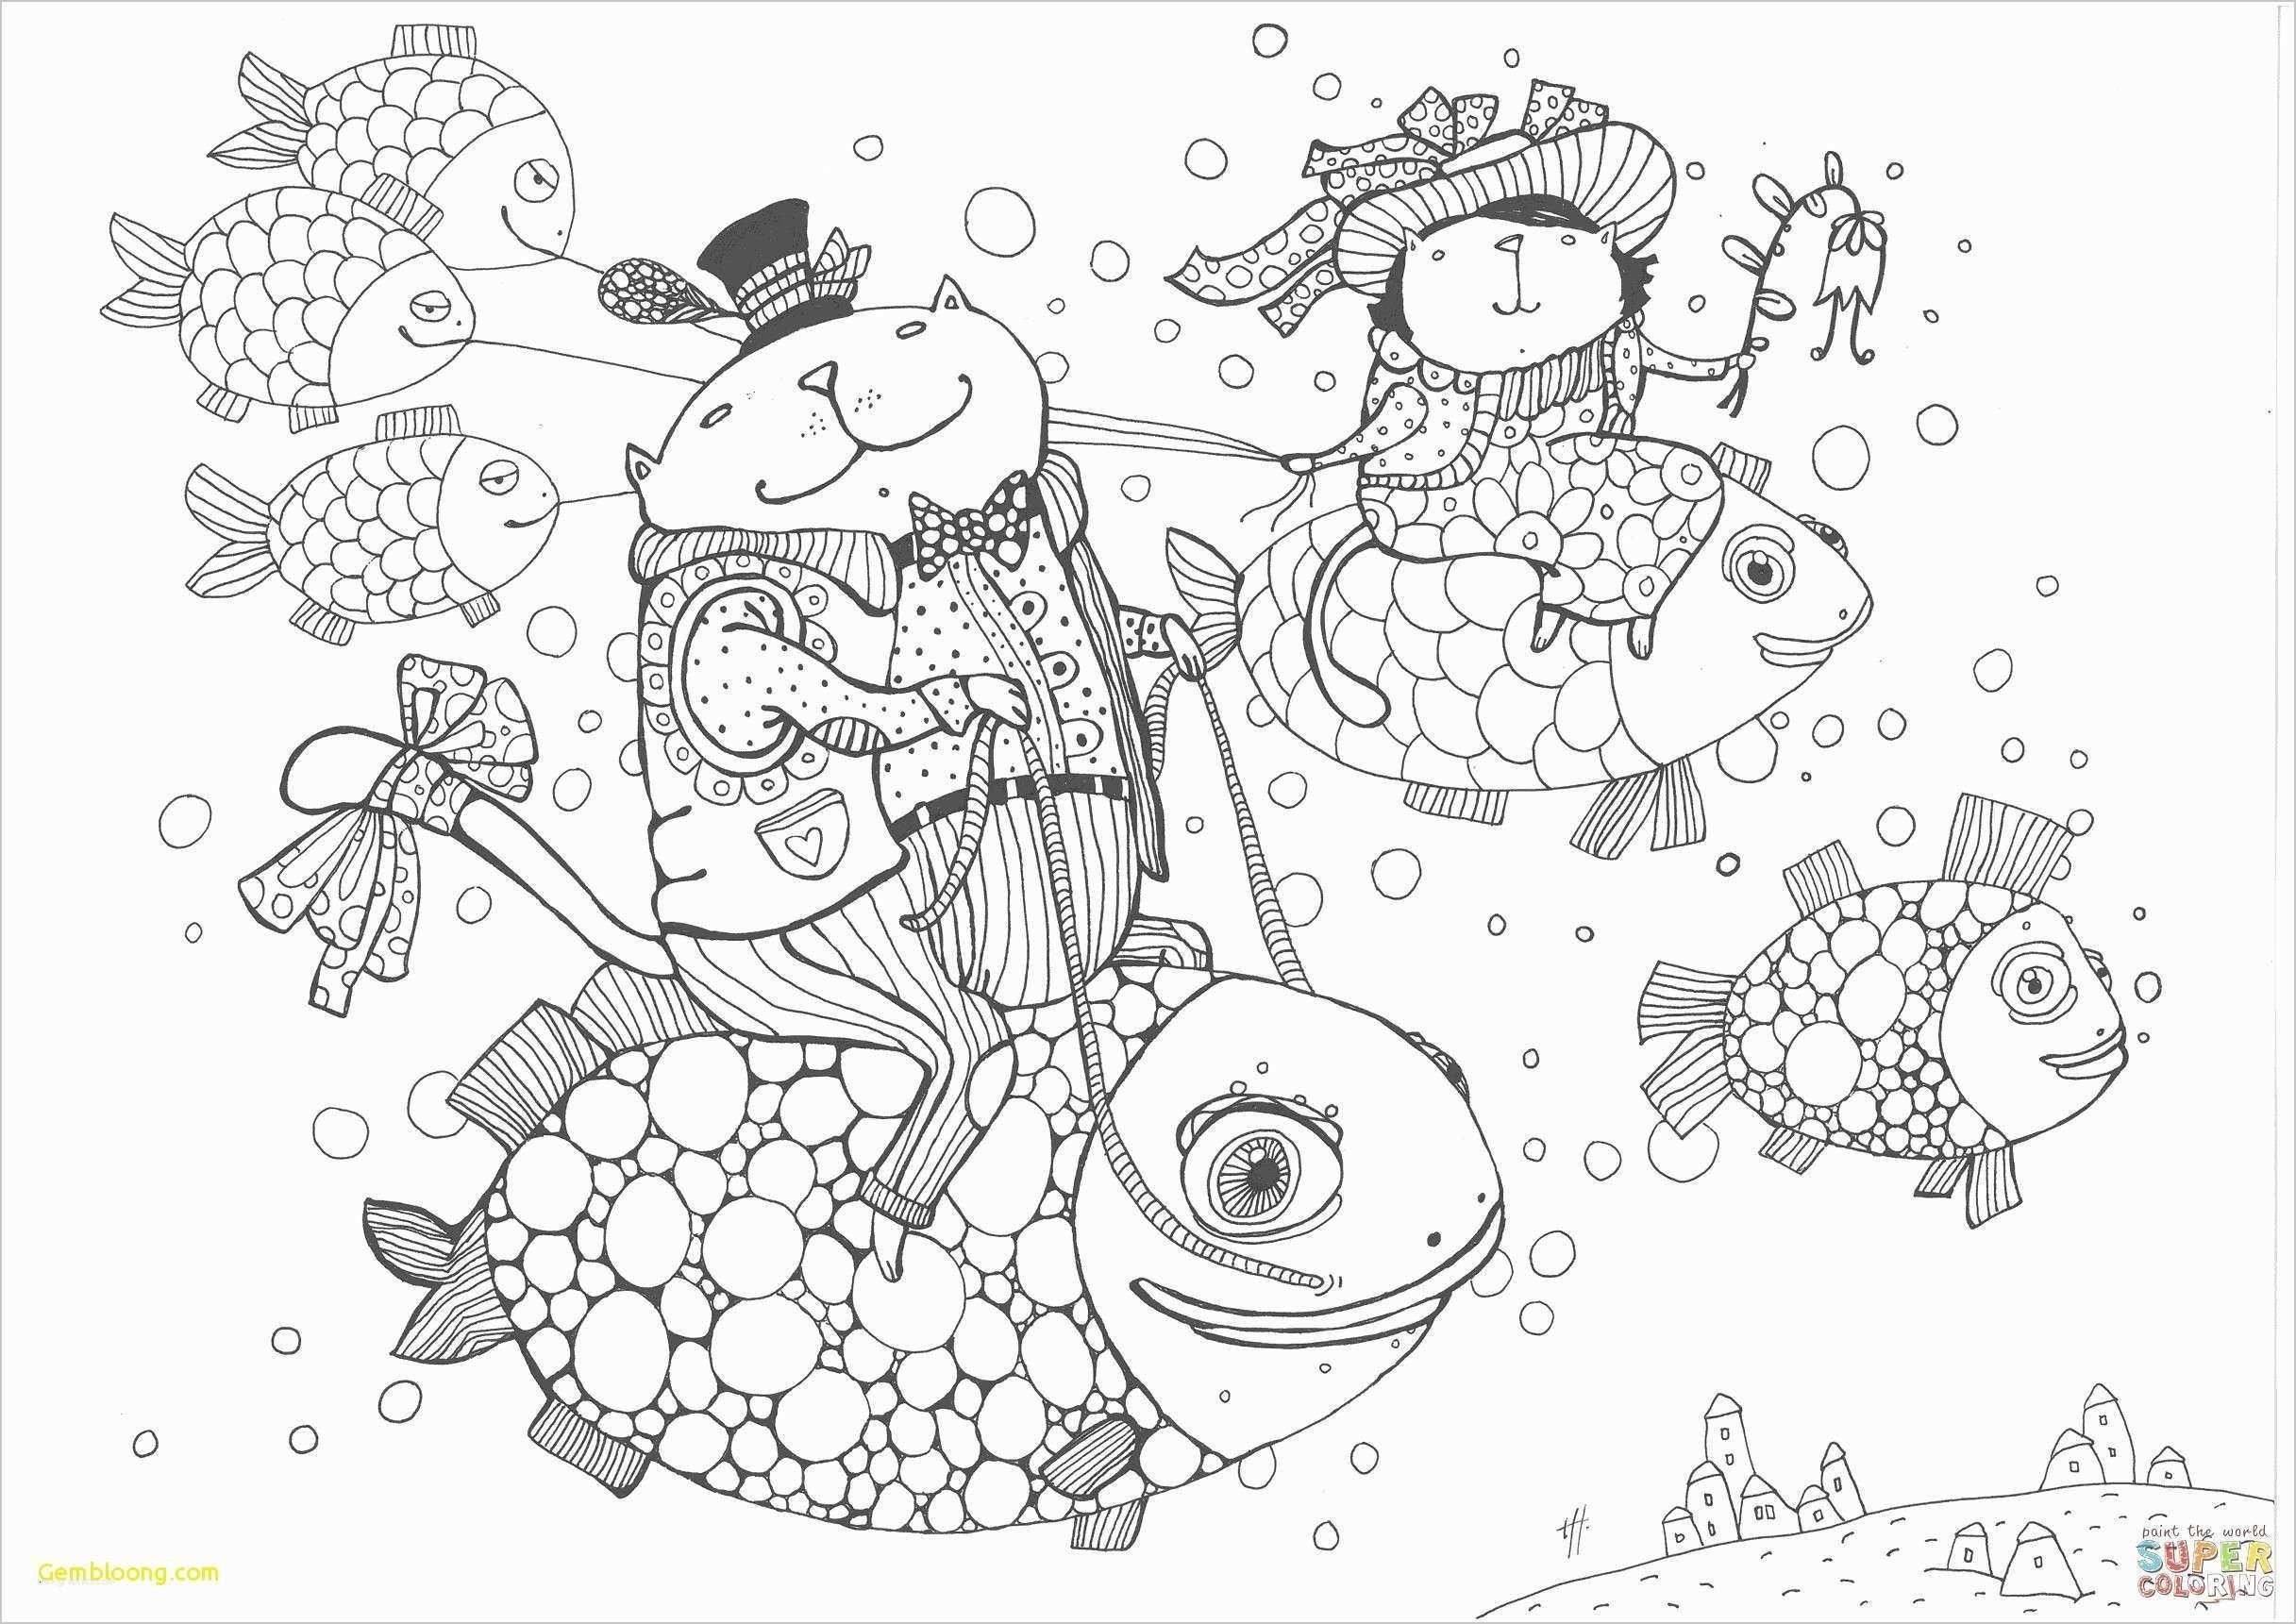 Mandala Ausmalbilder Für Weihnachten Weihnachtsvorlagen Inspirierend Malvorlagen Für Jungs Eben 30 Ausmalbilder thema Wald Trav Das Bild